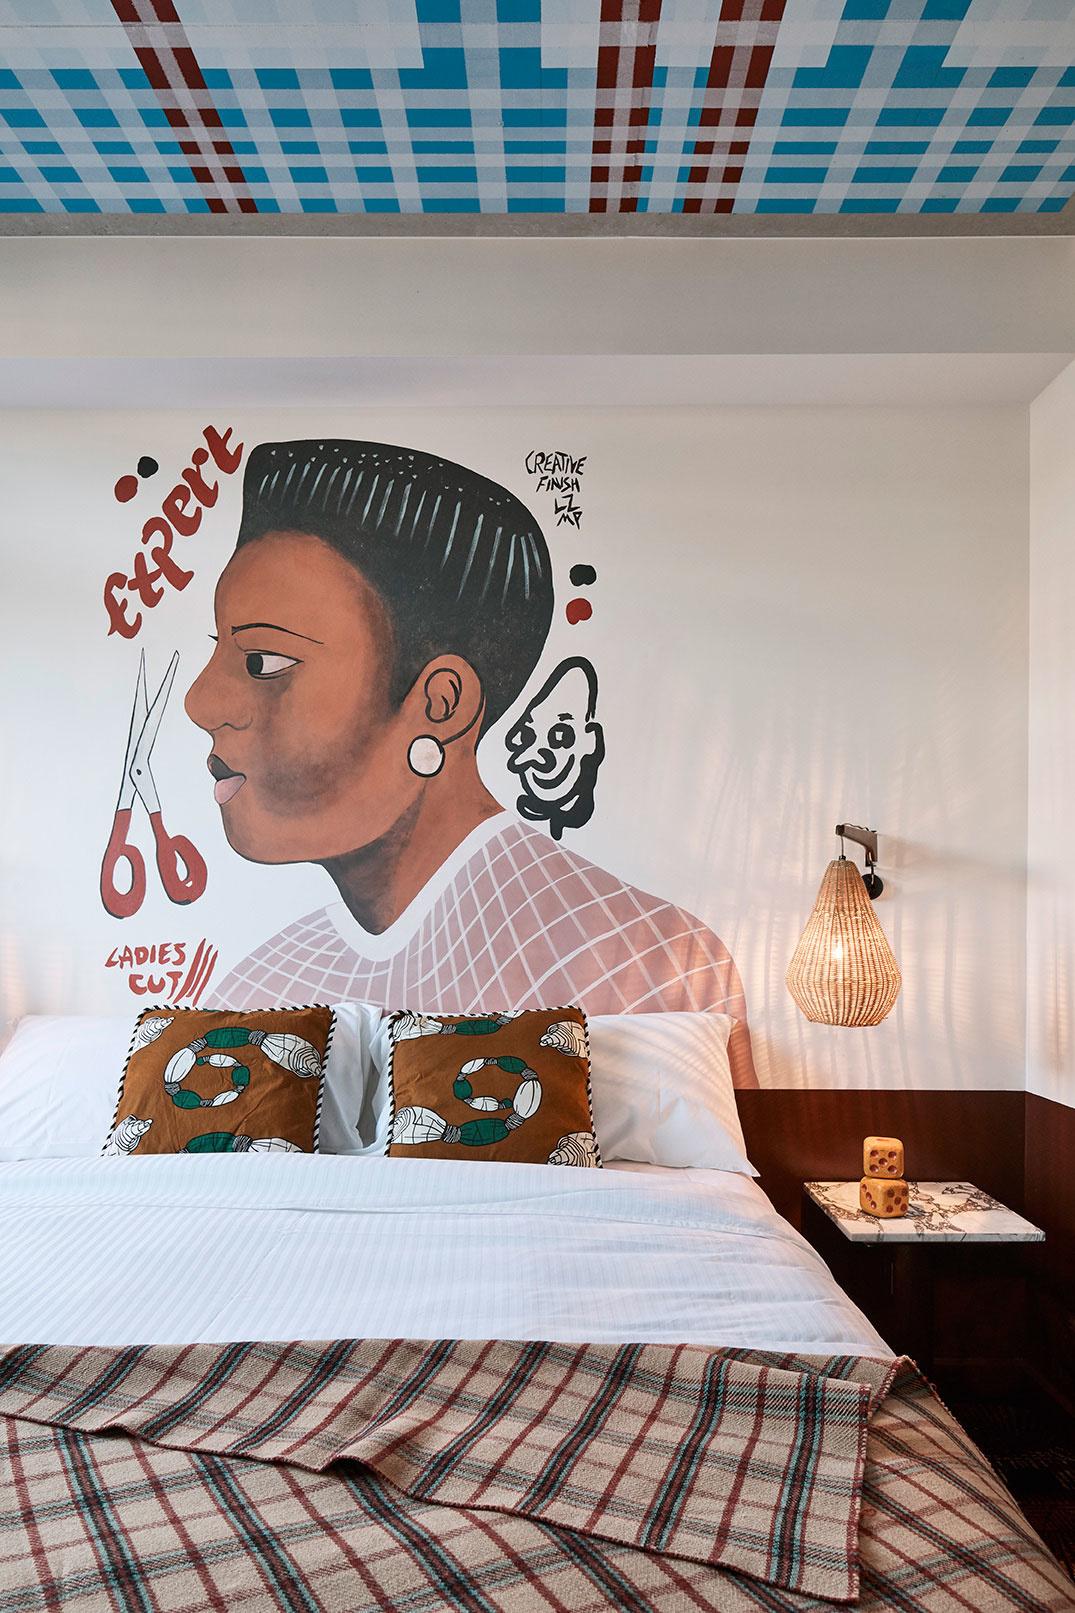 Отель Collectionist: современное искусство и авторский декор (галерея 6, фото 4)